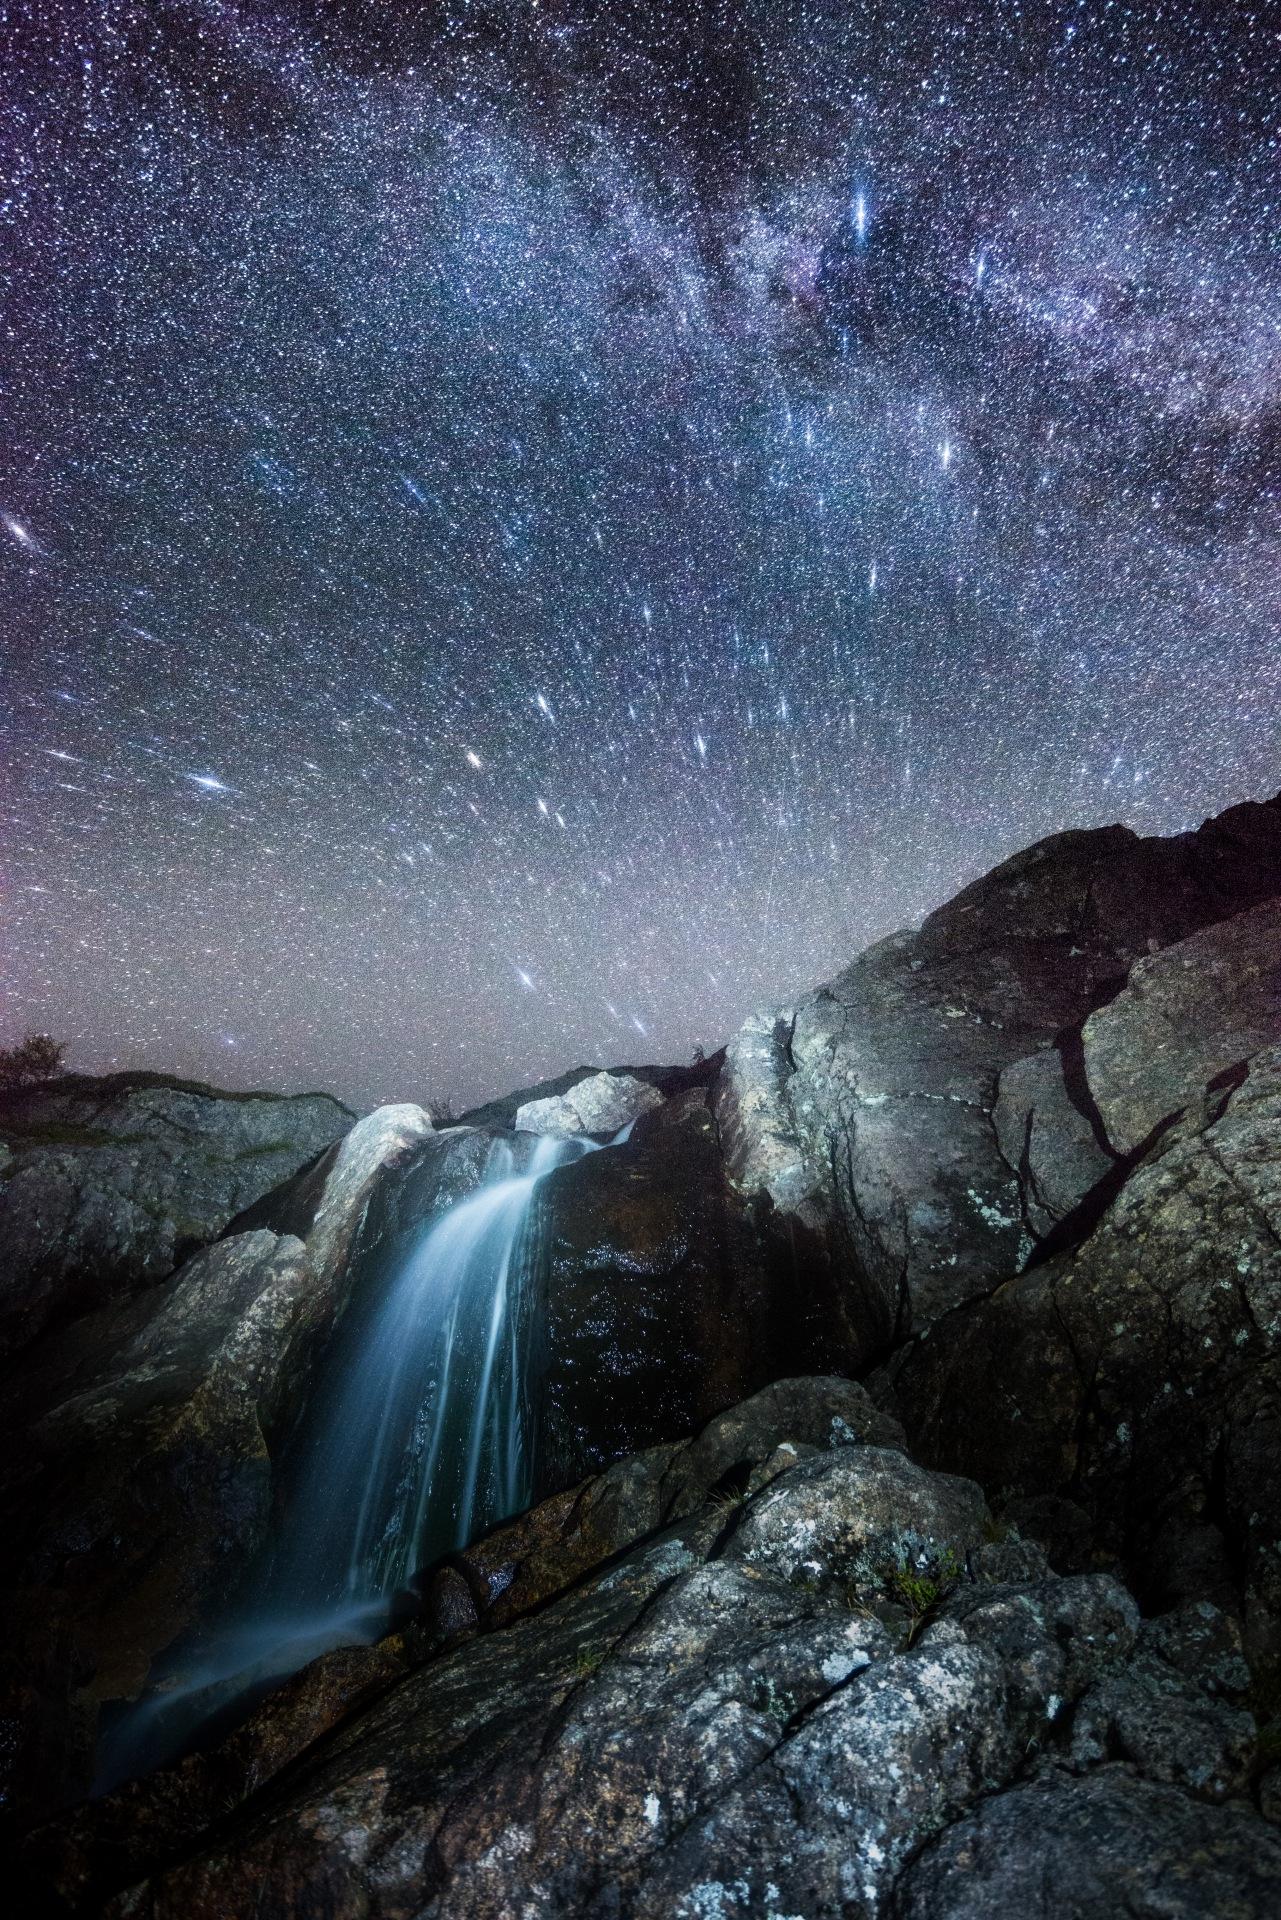 Waterfall in the night by E Pedersen